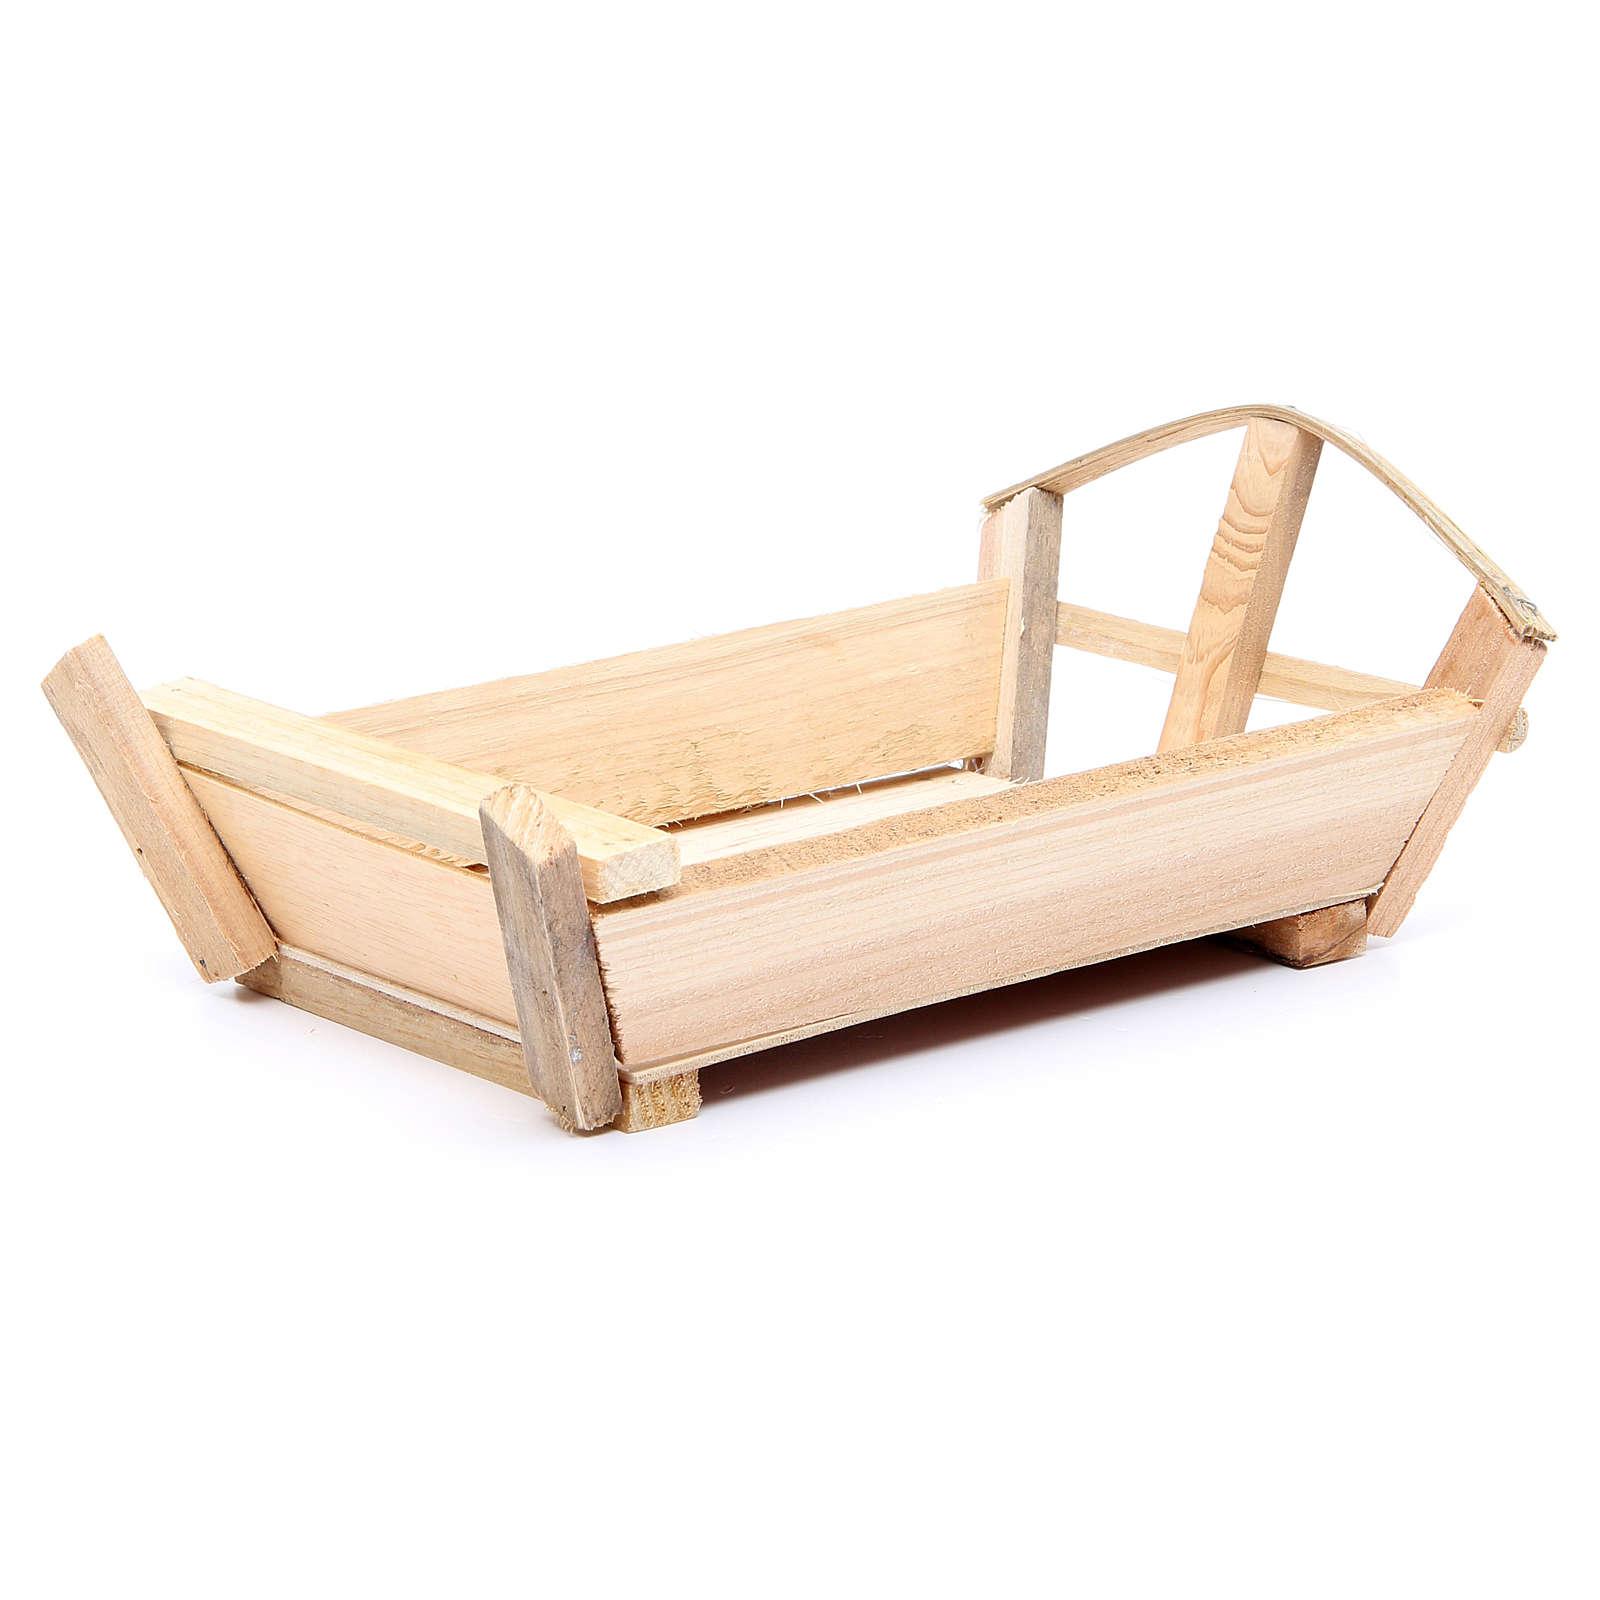 Berceau en bois 10x22x13 cm pour Enfant Jésus 3